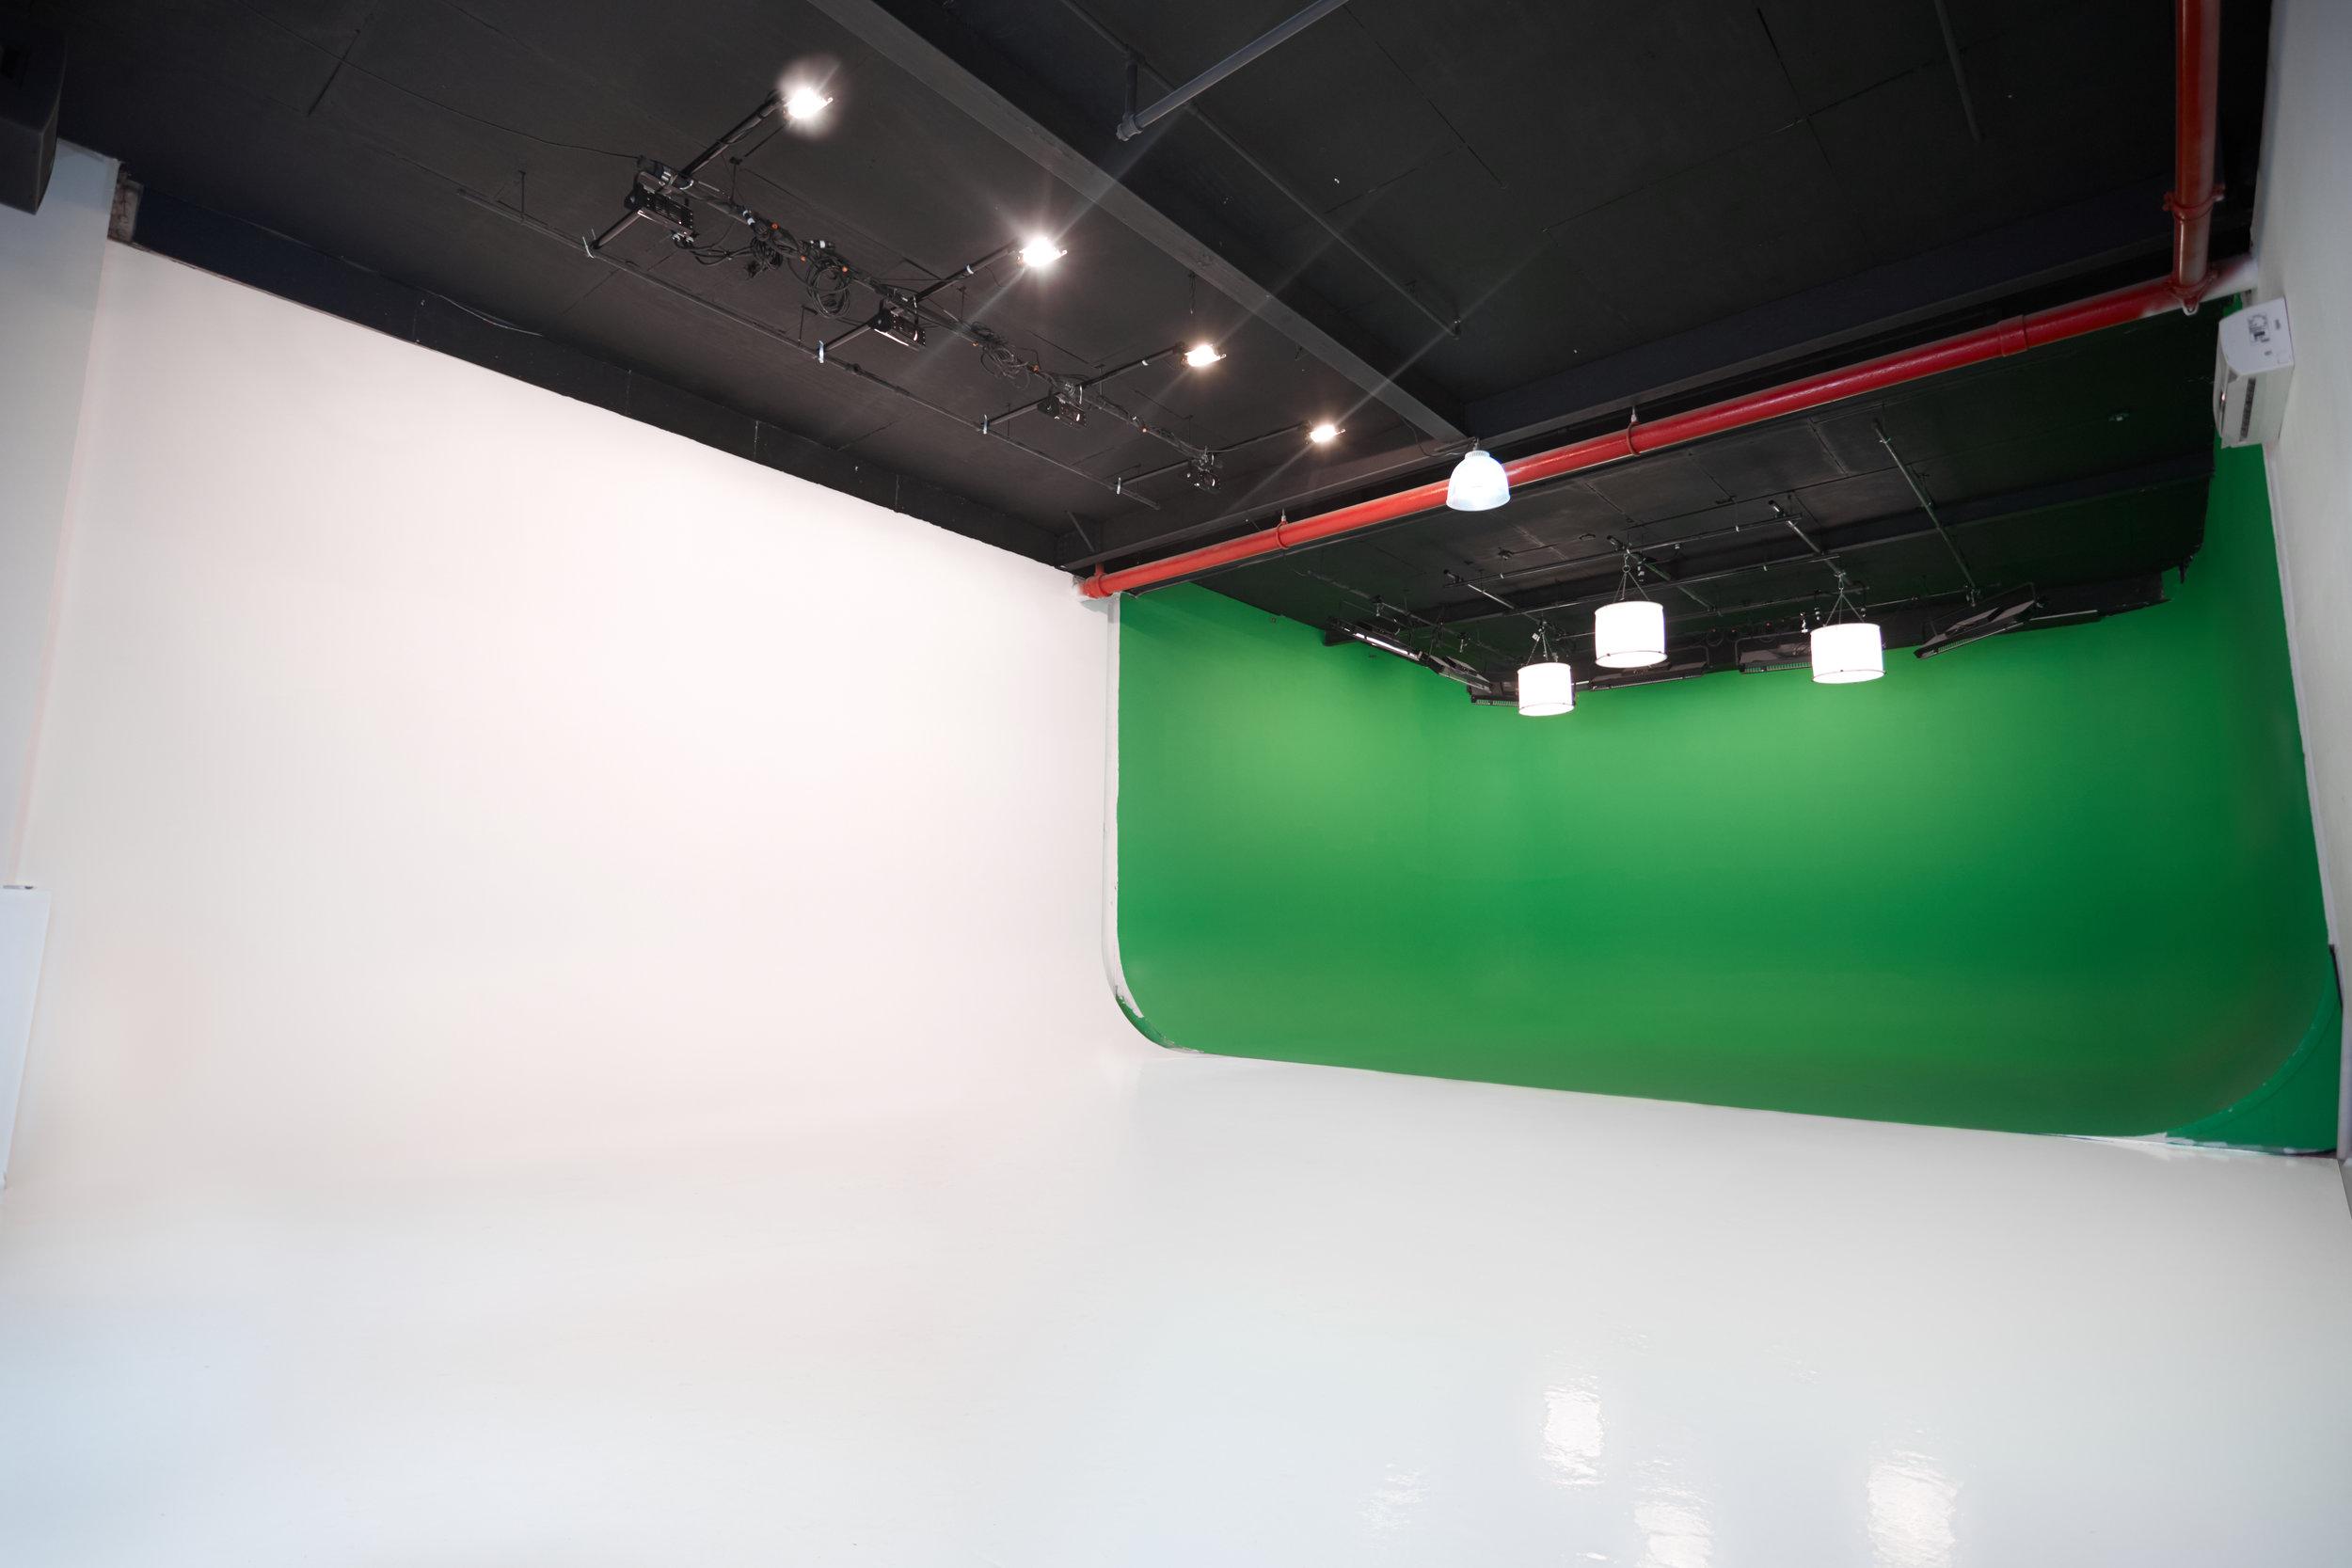 BMJ_Studios_Cyc_stage_2.jpg